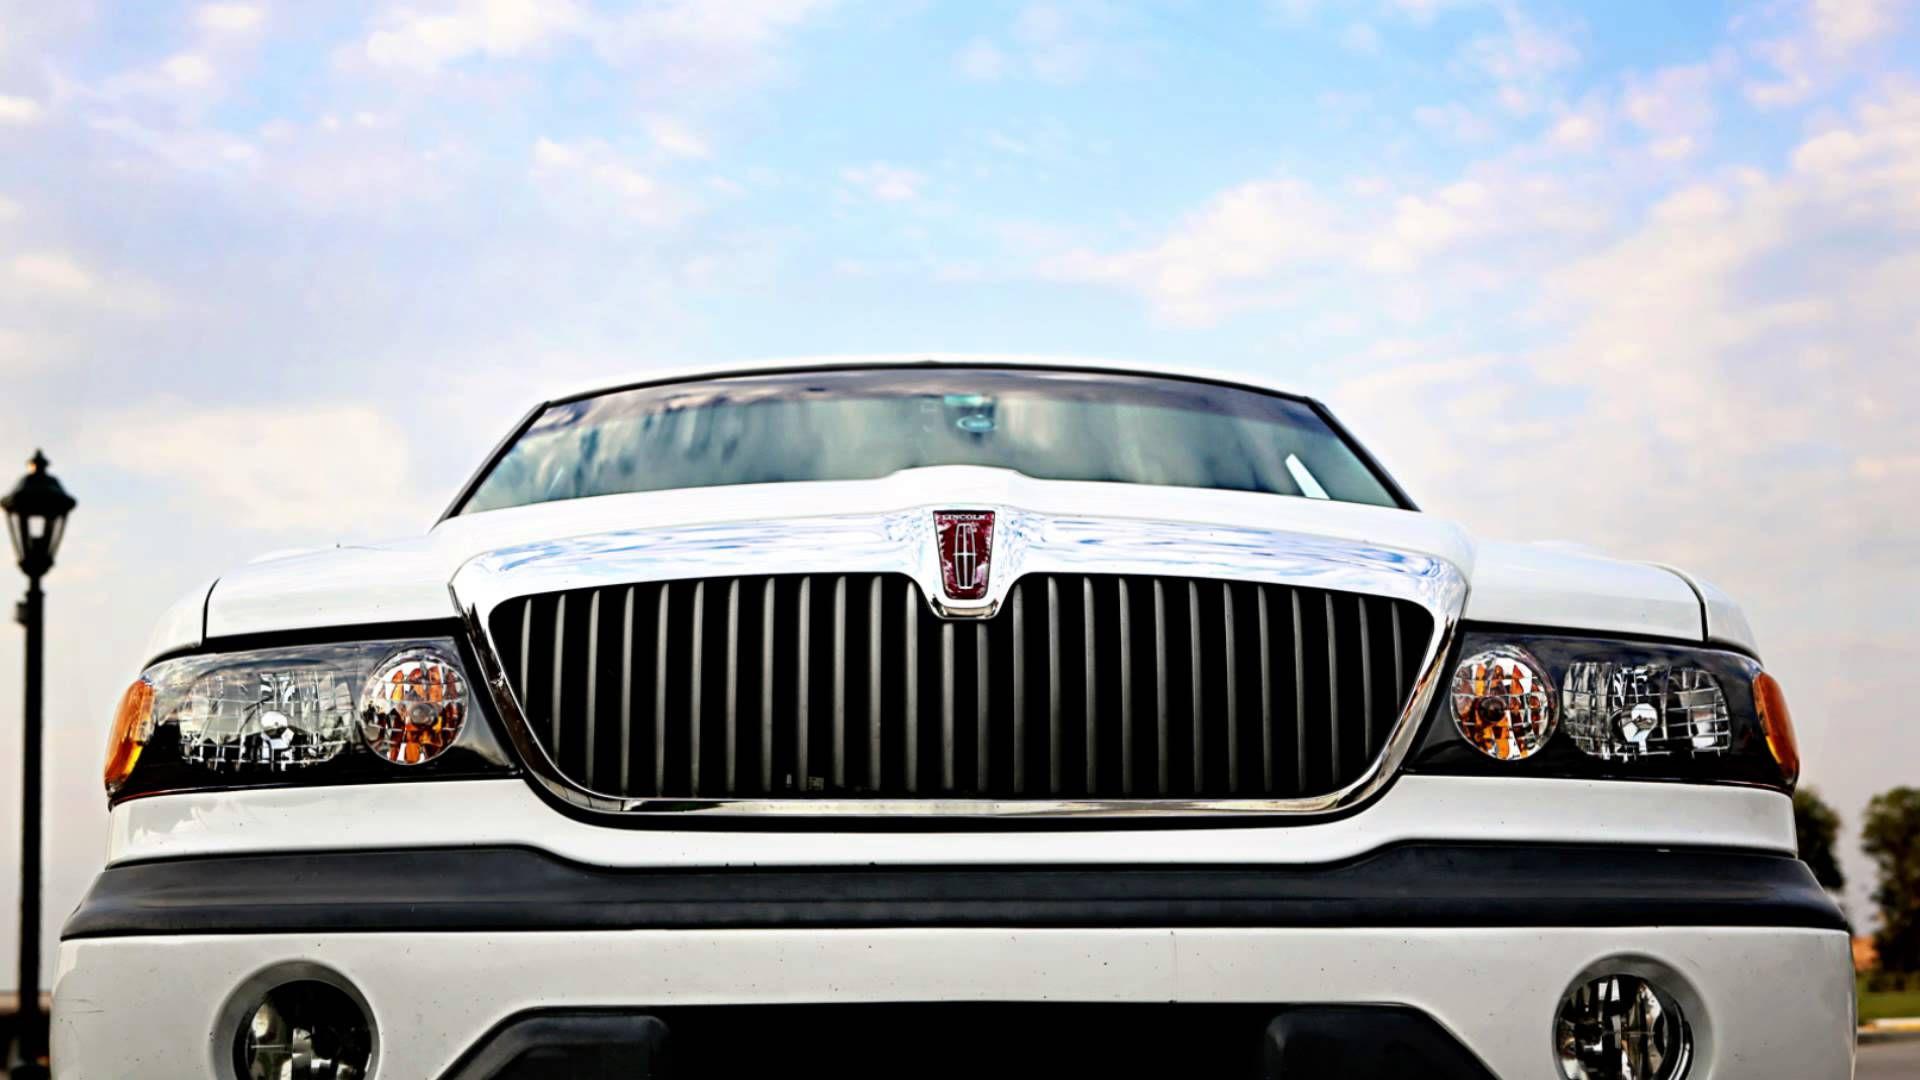 Raf corporate luxury limousine cedar rapids iowa city